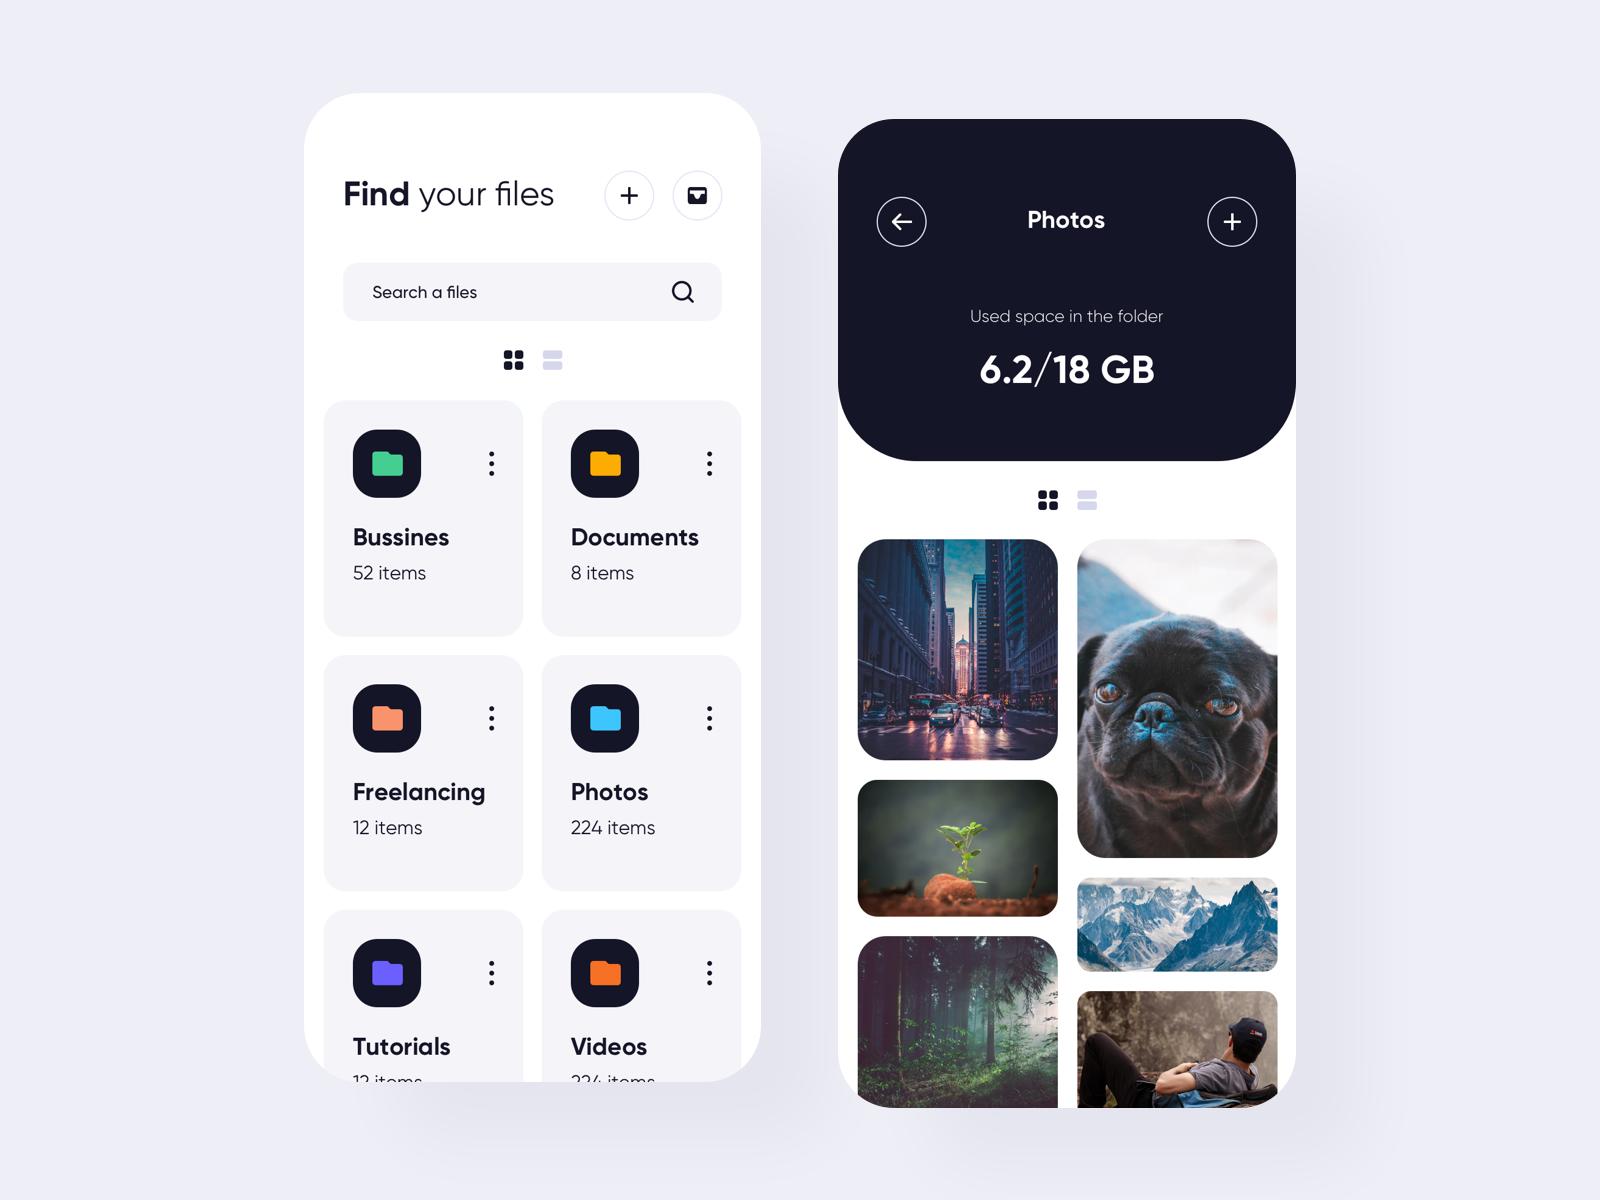 Files Managment App